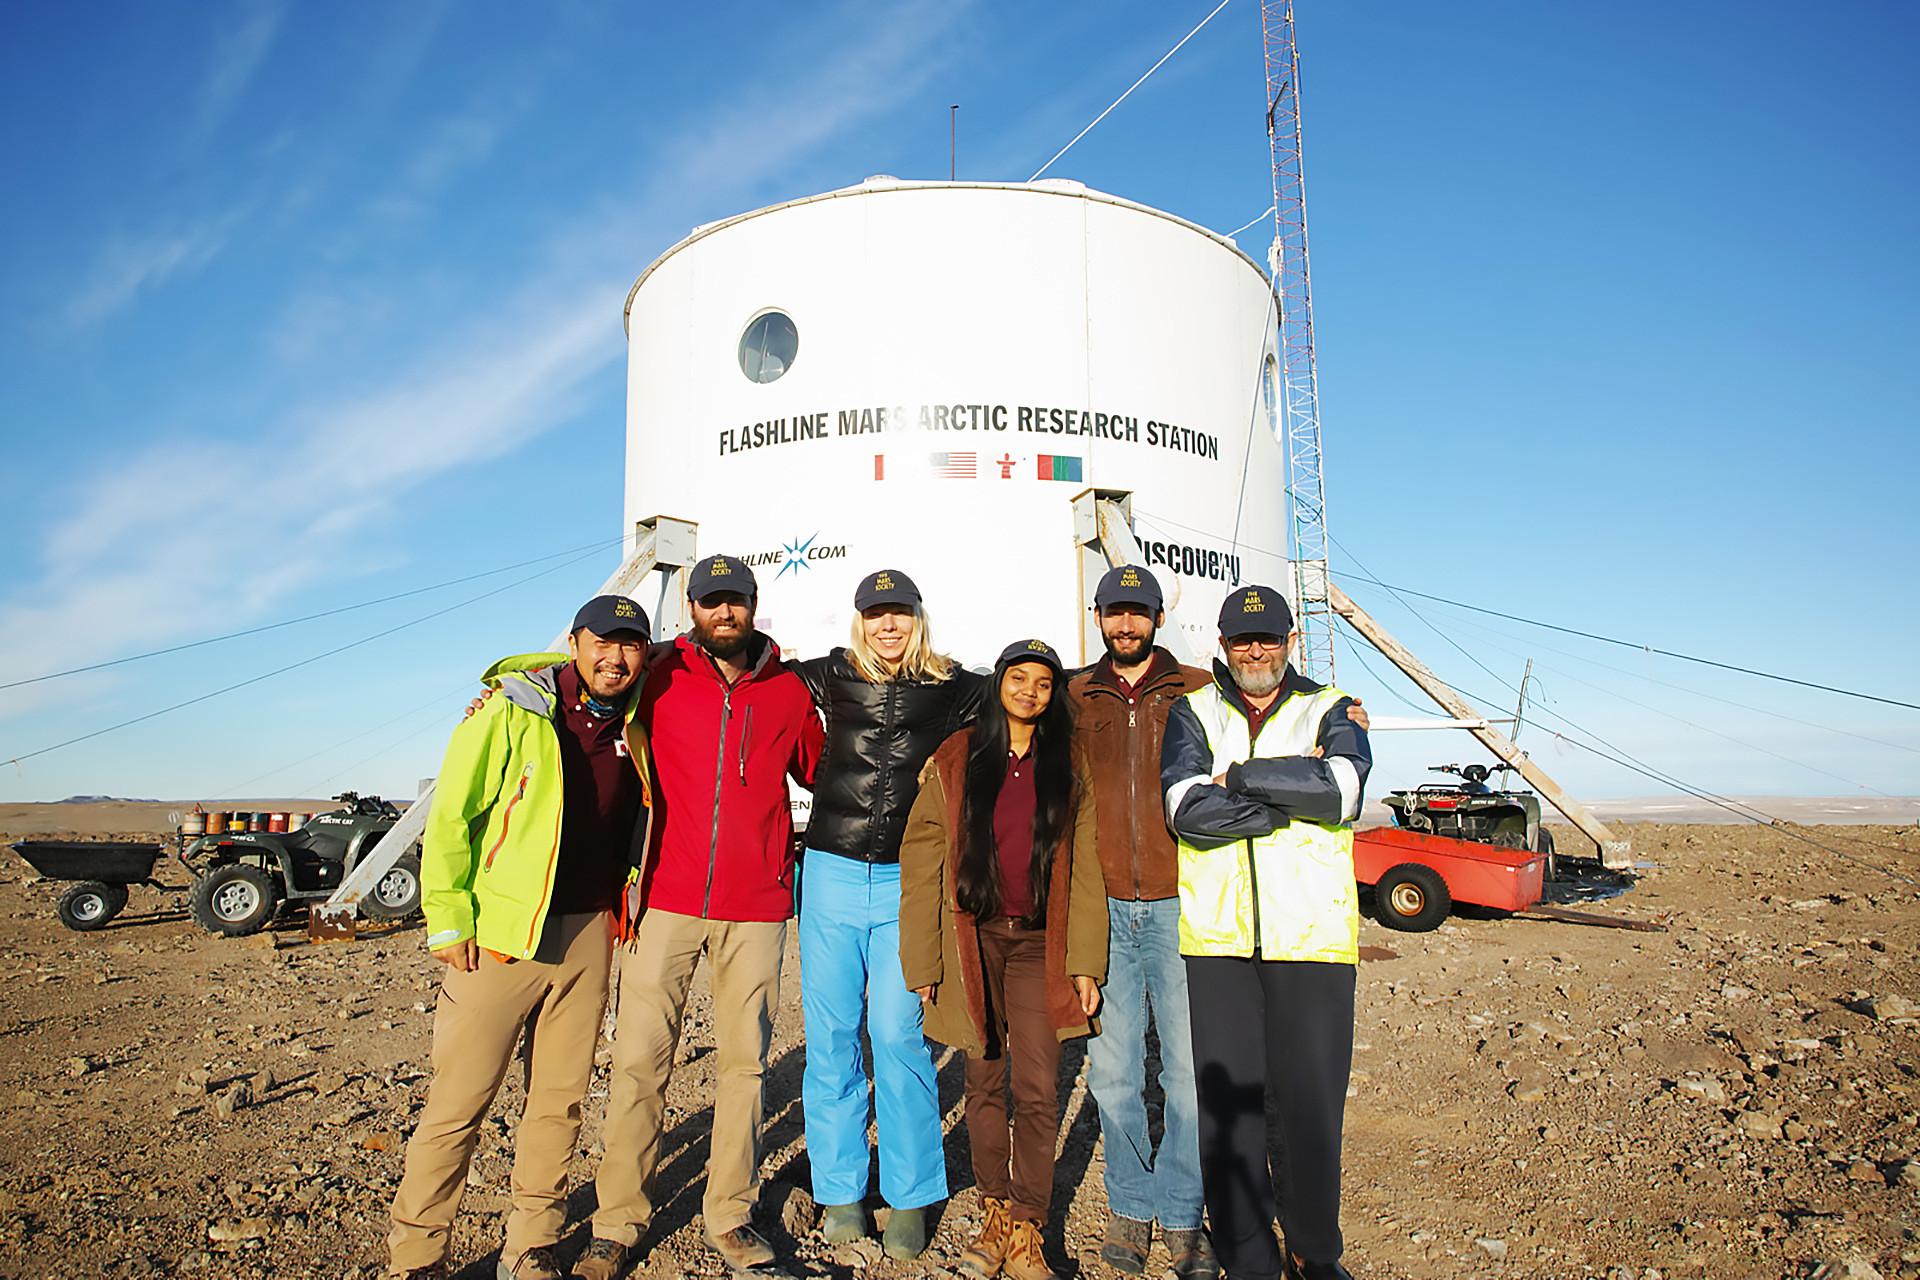 Alcune delle persone che hanno preso parte alla missione Mars 160